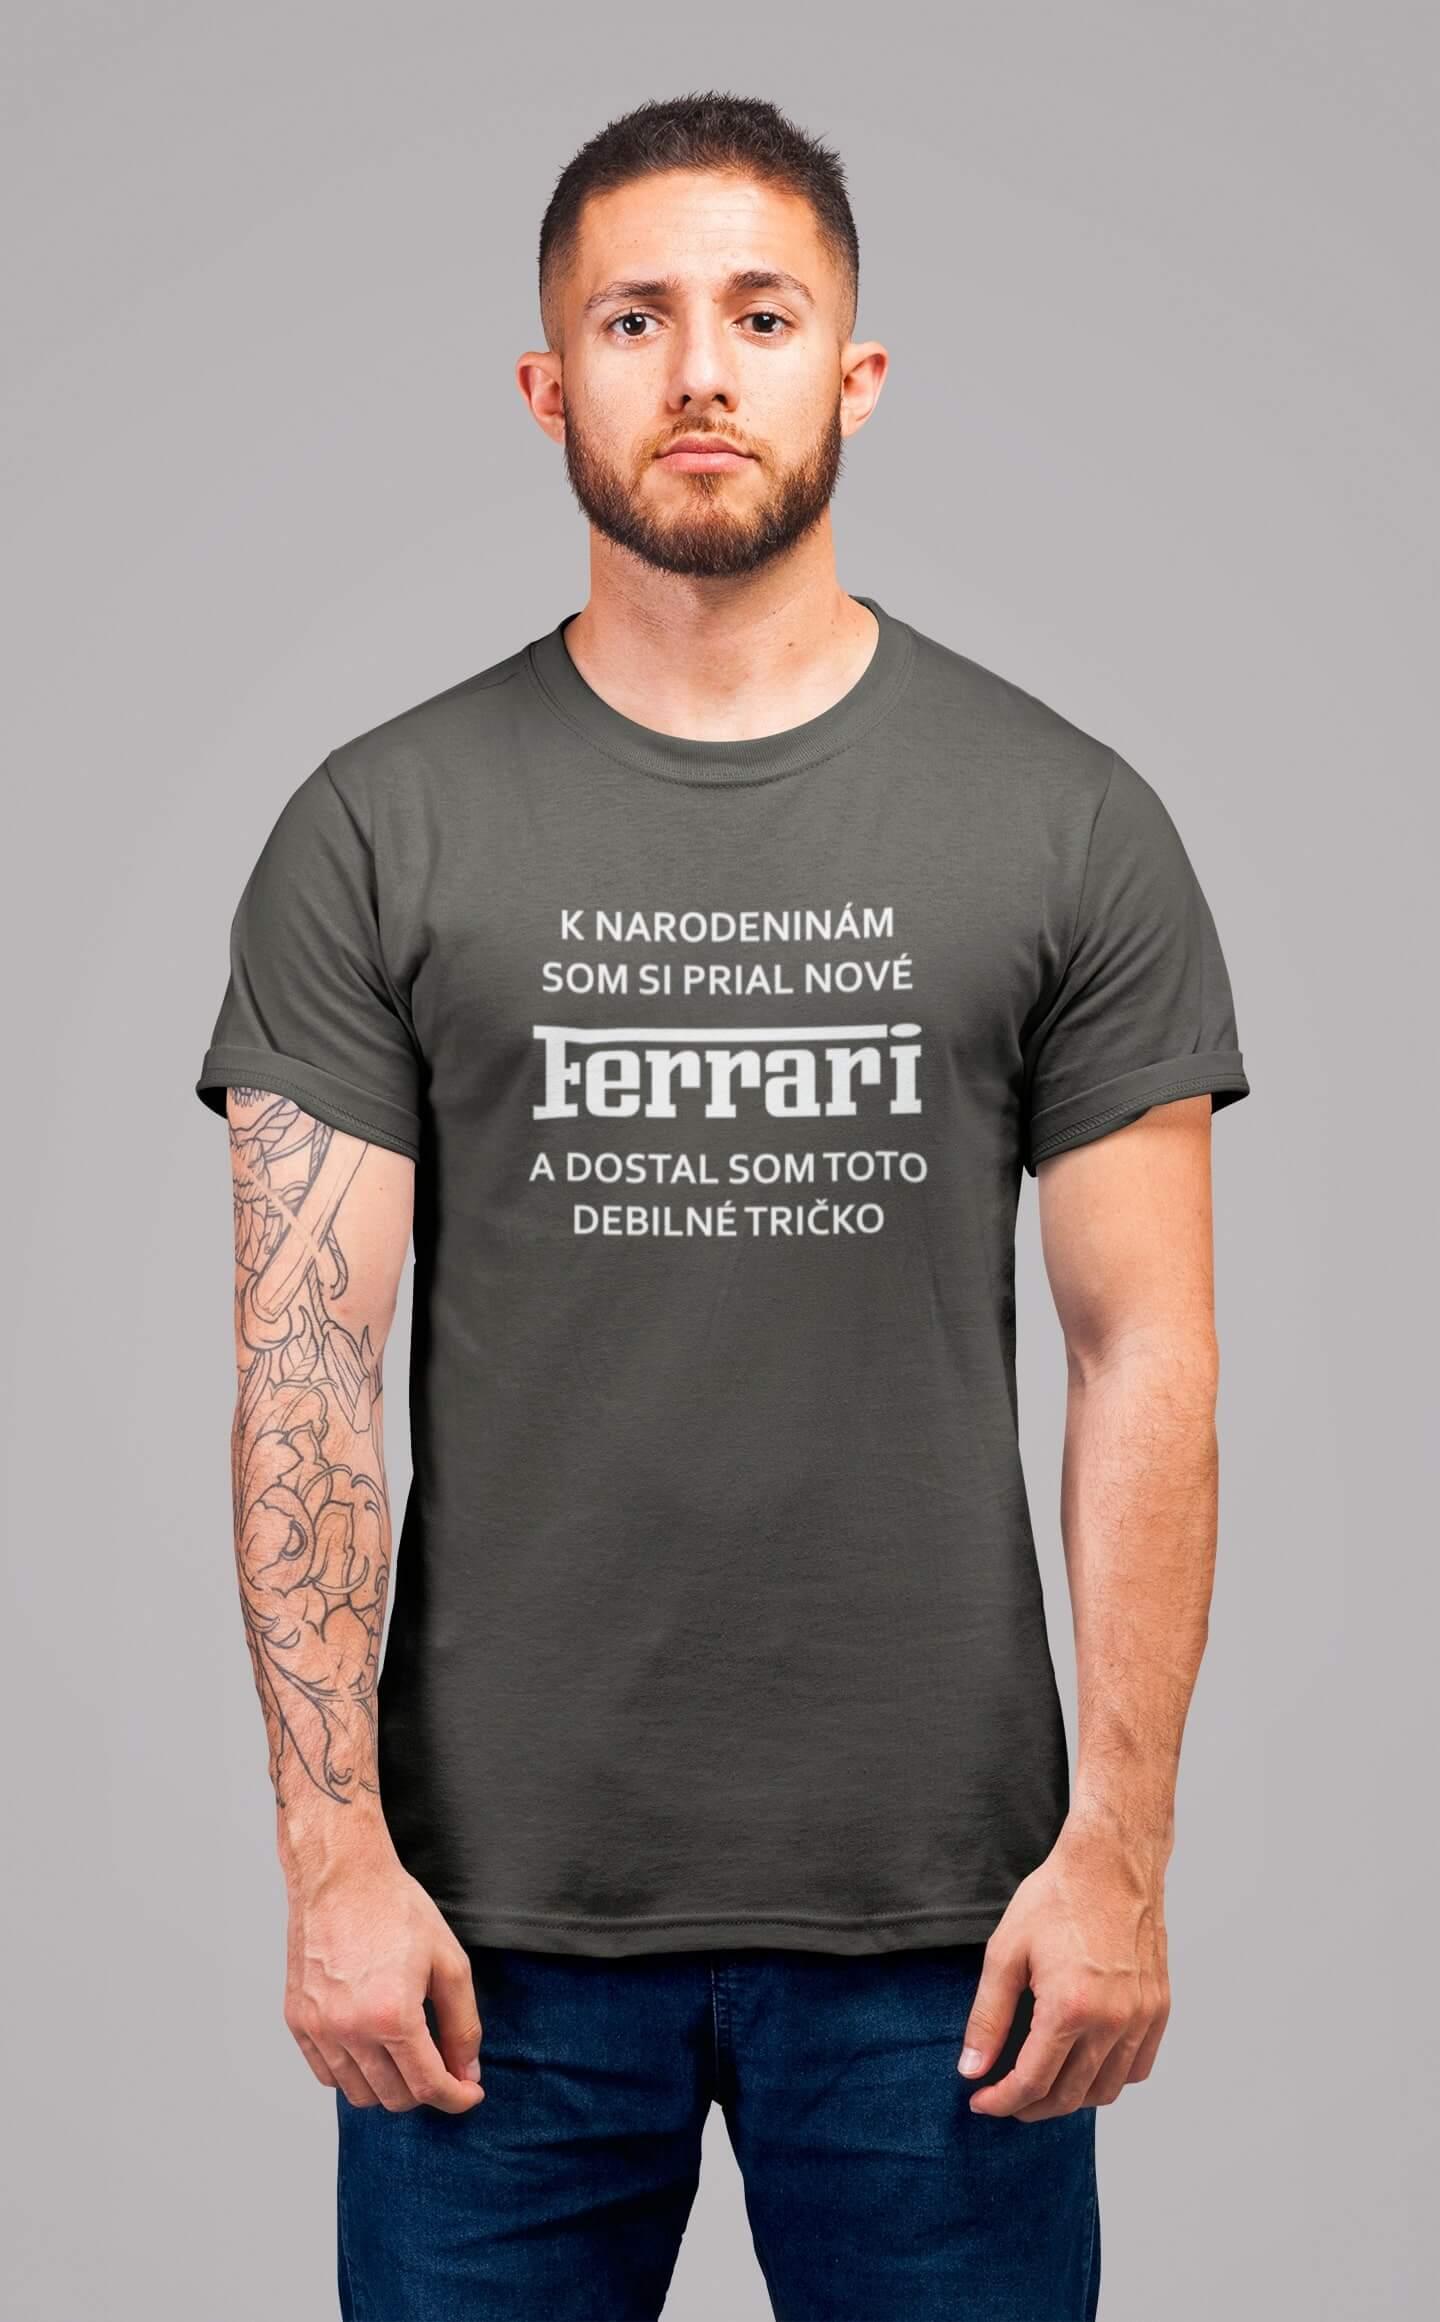 MMO Pánske tričko FERRARI Vyberte farbu: Tmavá bridlica, Vyberte veľkosť: XL